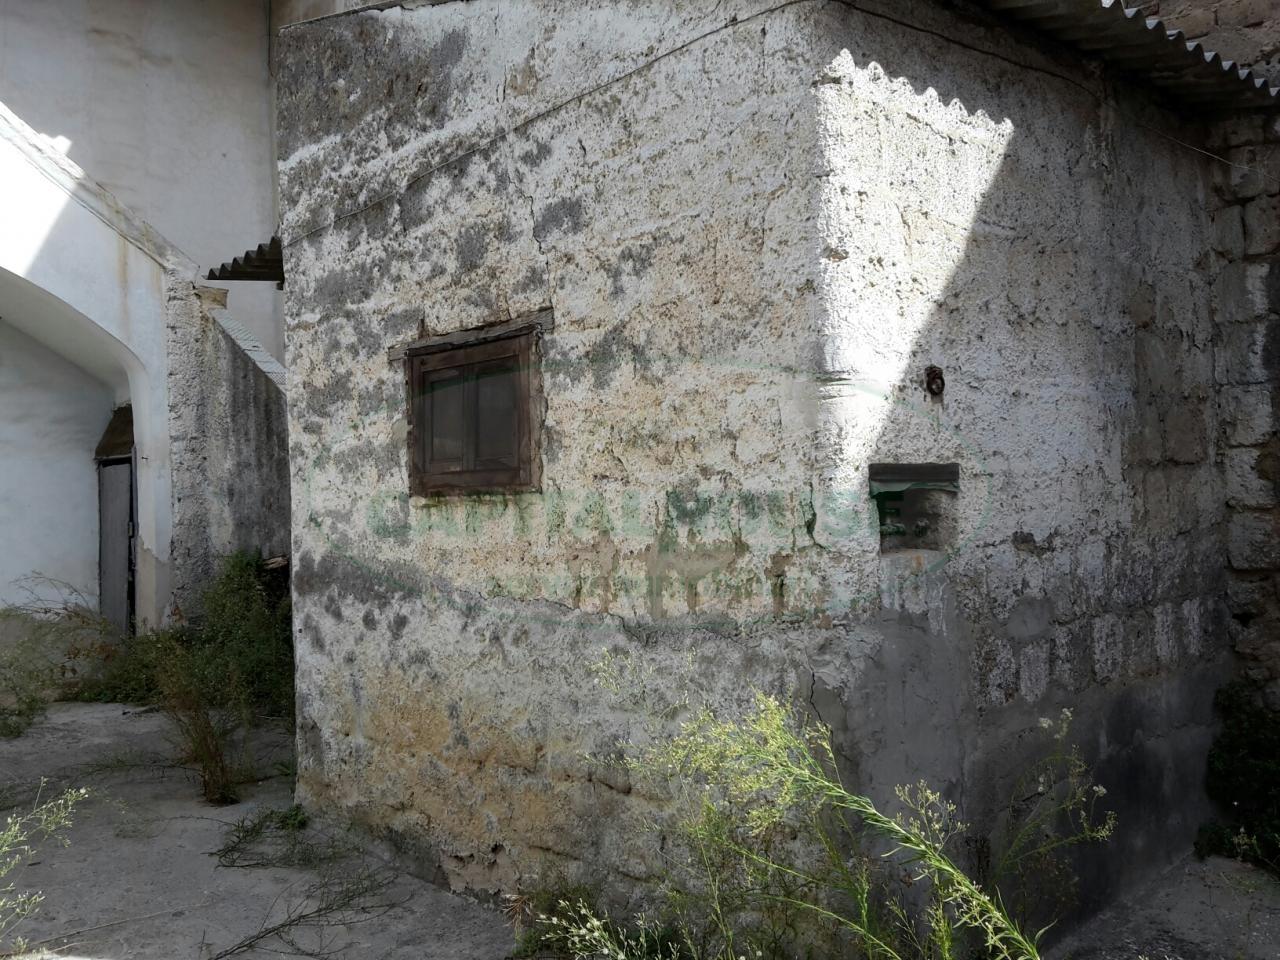 Bilocale Macerata Campania Zona Centrale 3